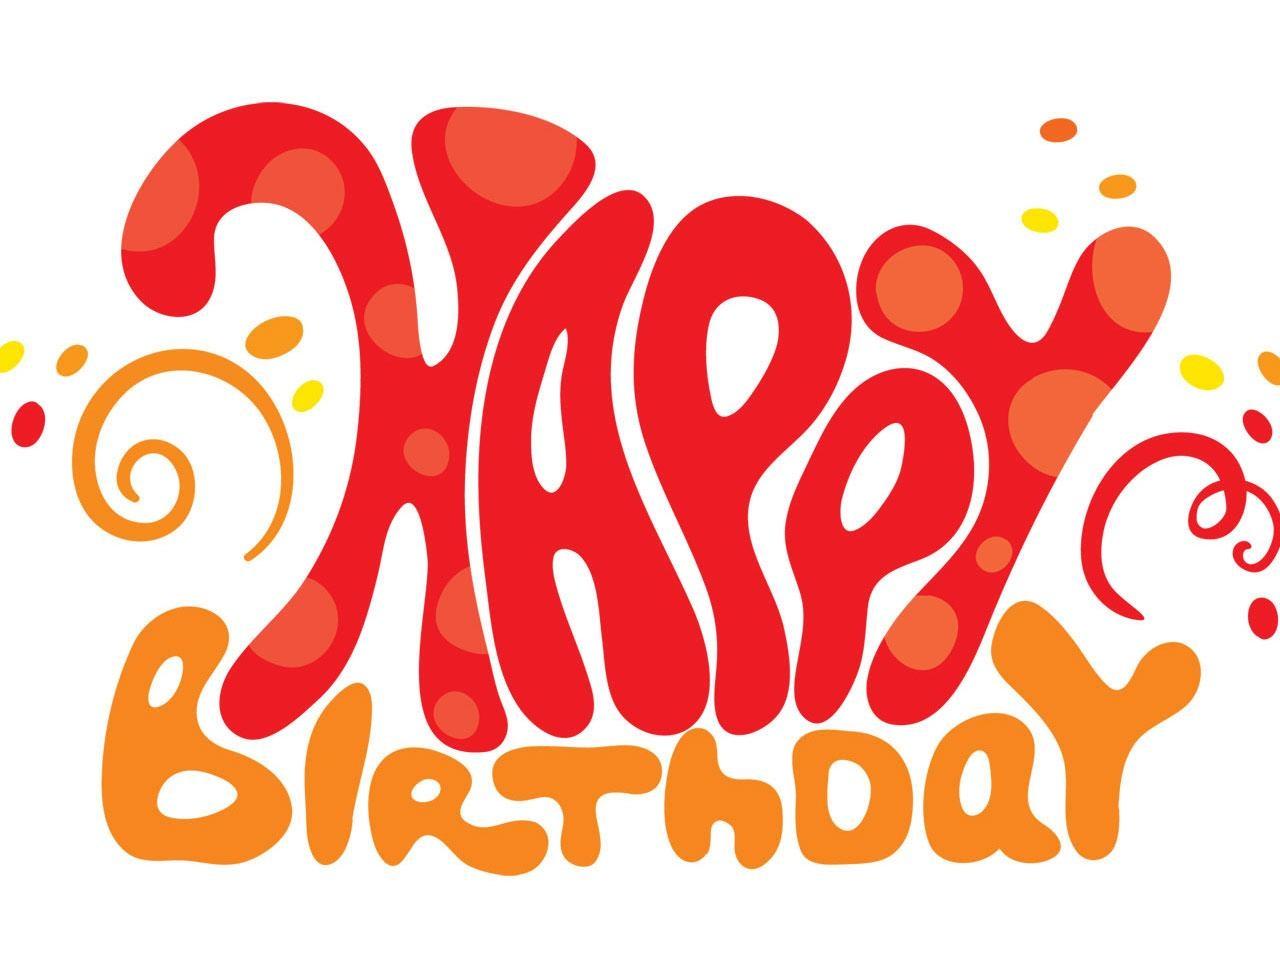 Birthday clipart orange Clipart Facebook Birthday facebook Kid